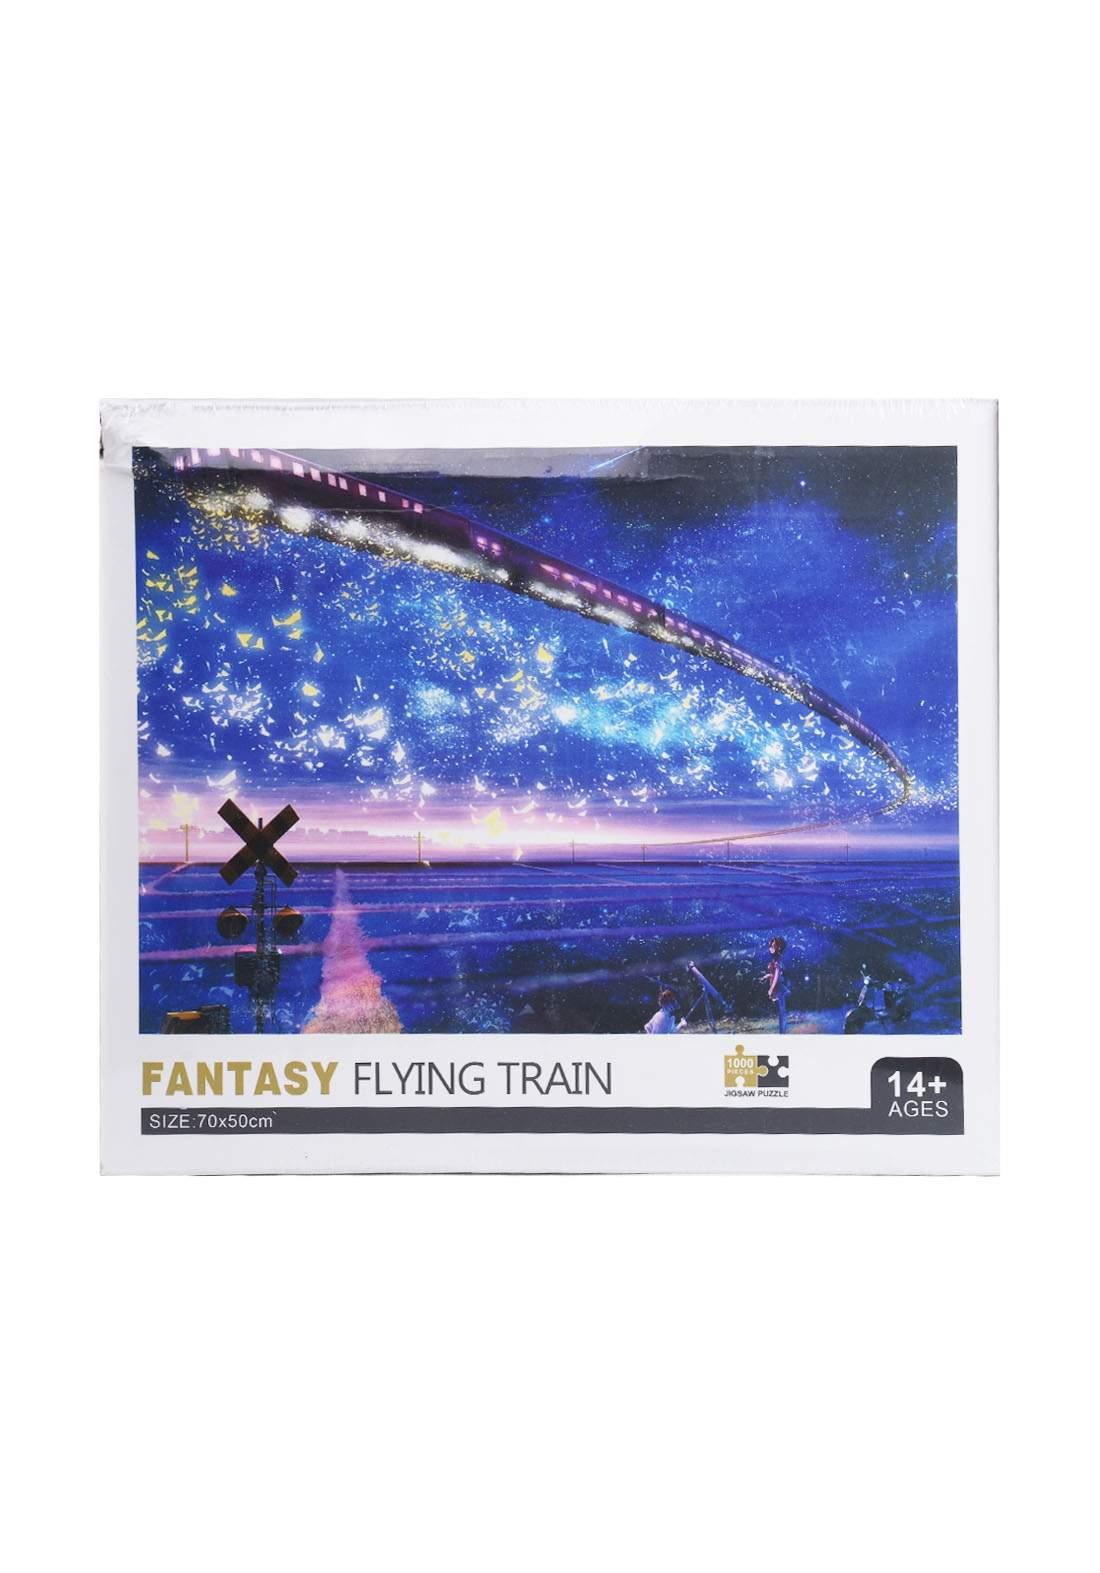 Jigsaw Puzzle Fantasy Flying Train 1000Pcs لعبة تركيب القطع بشكل قطار الطيران الخيالي